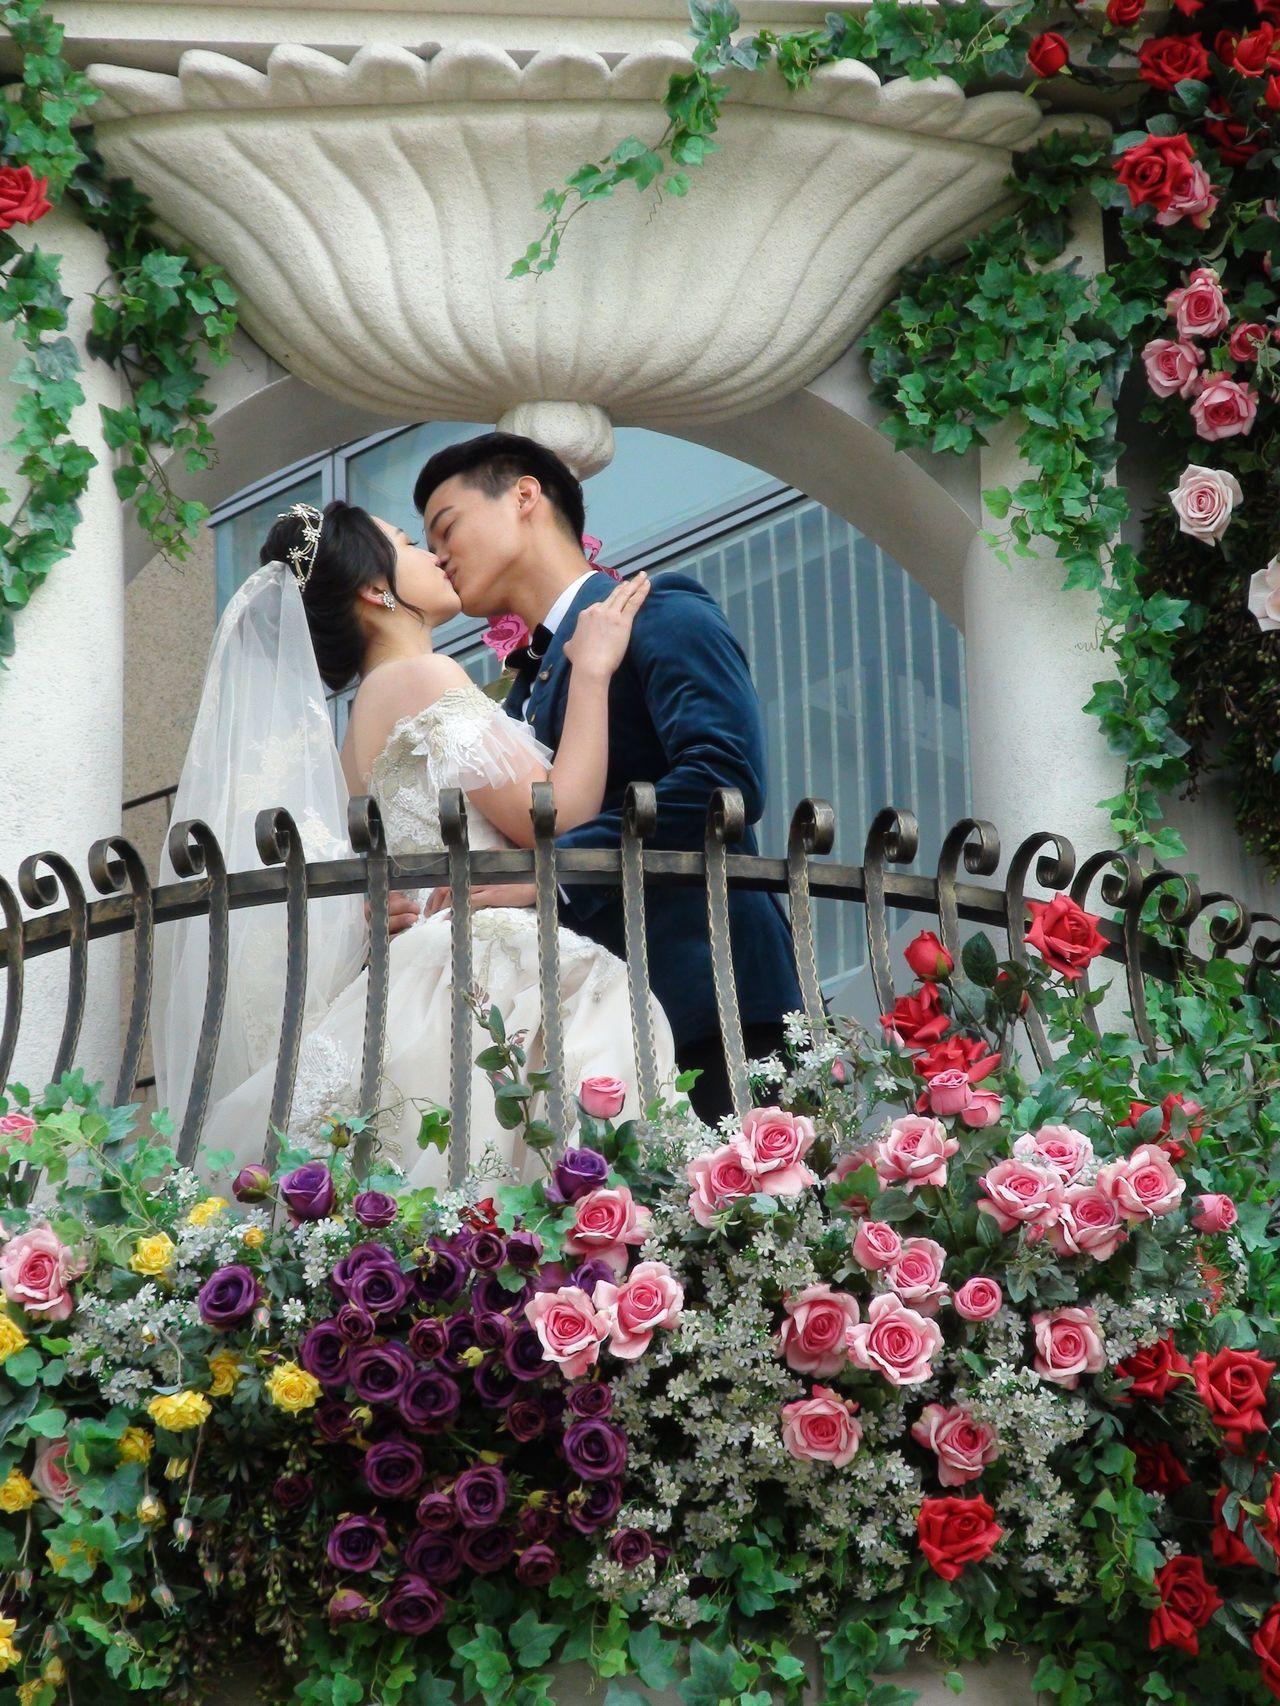 婚紗業者安排一場「私奔婚禮」串連高雄的愛情產業鏈。記者謝梅芬/攝影